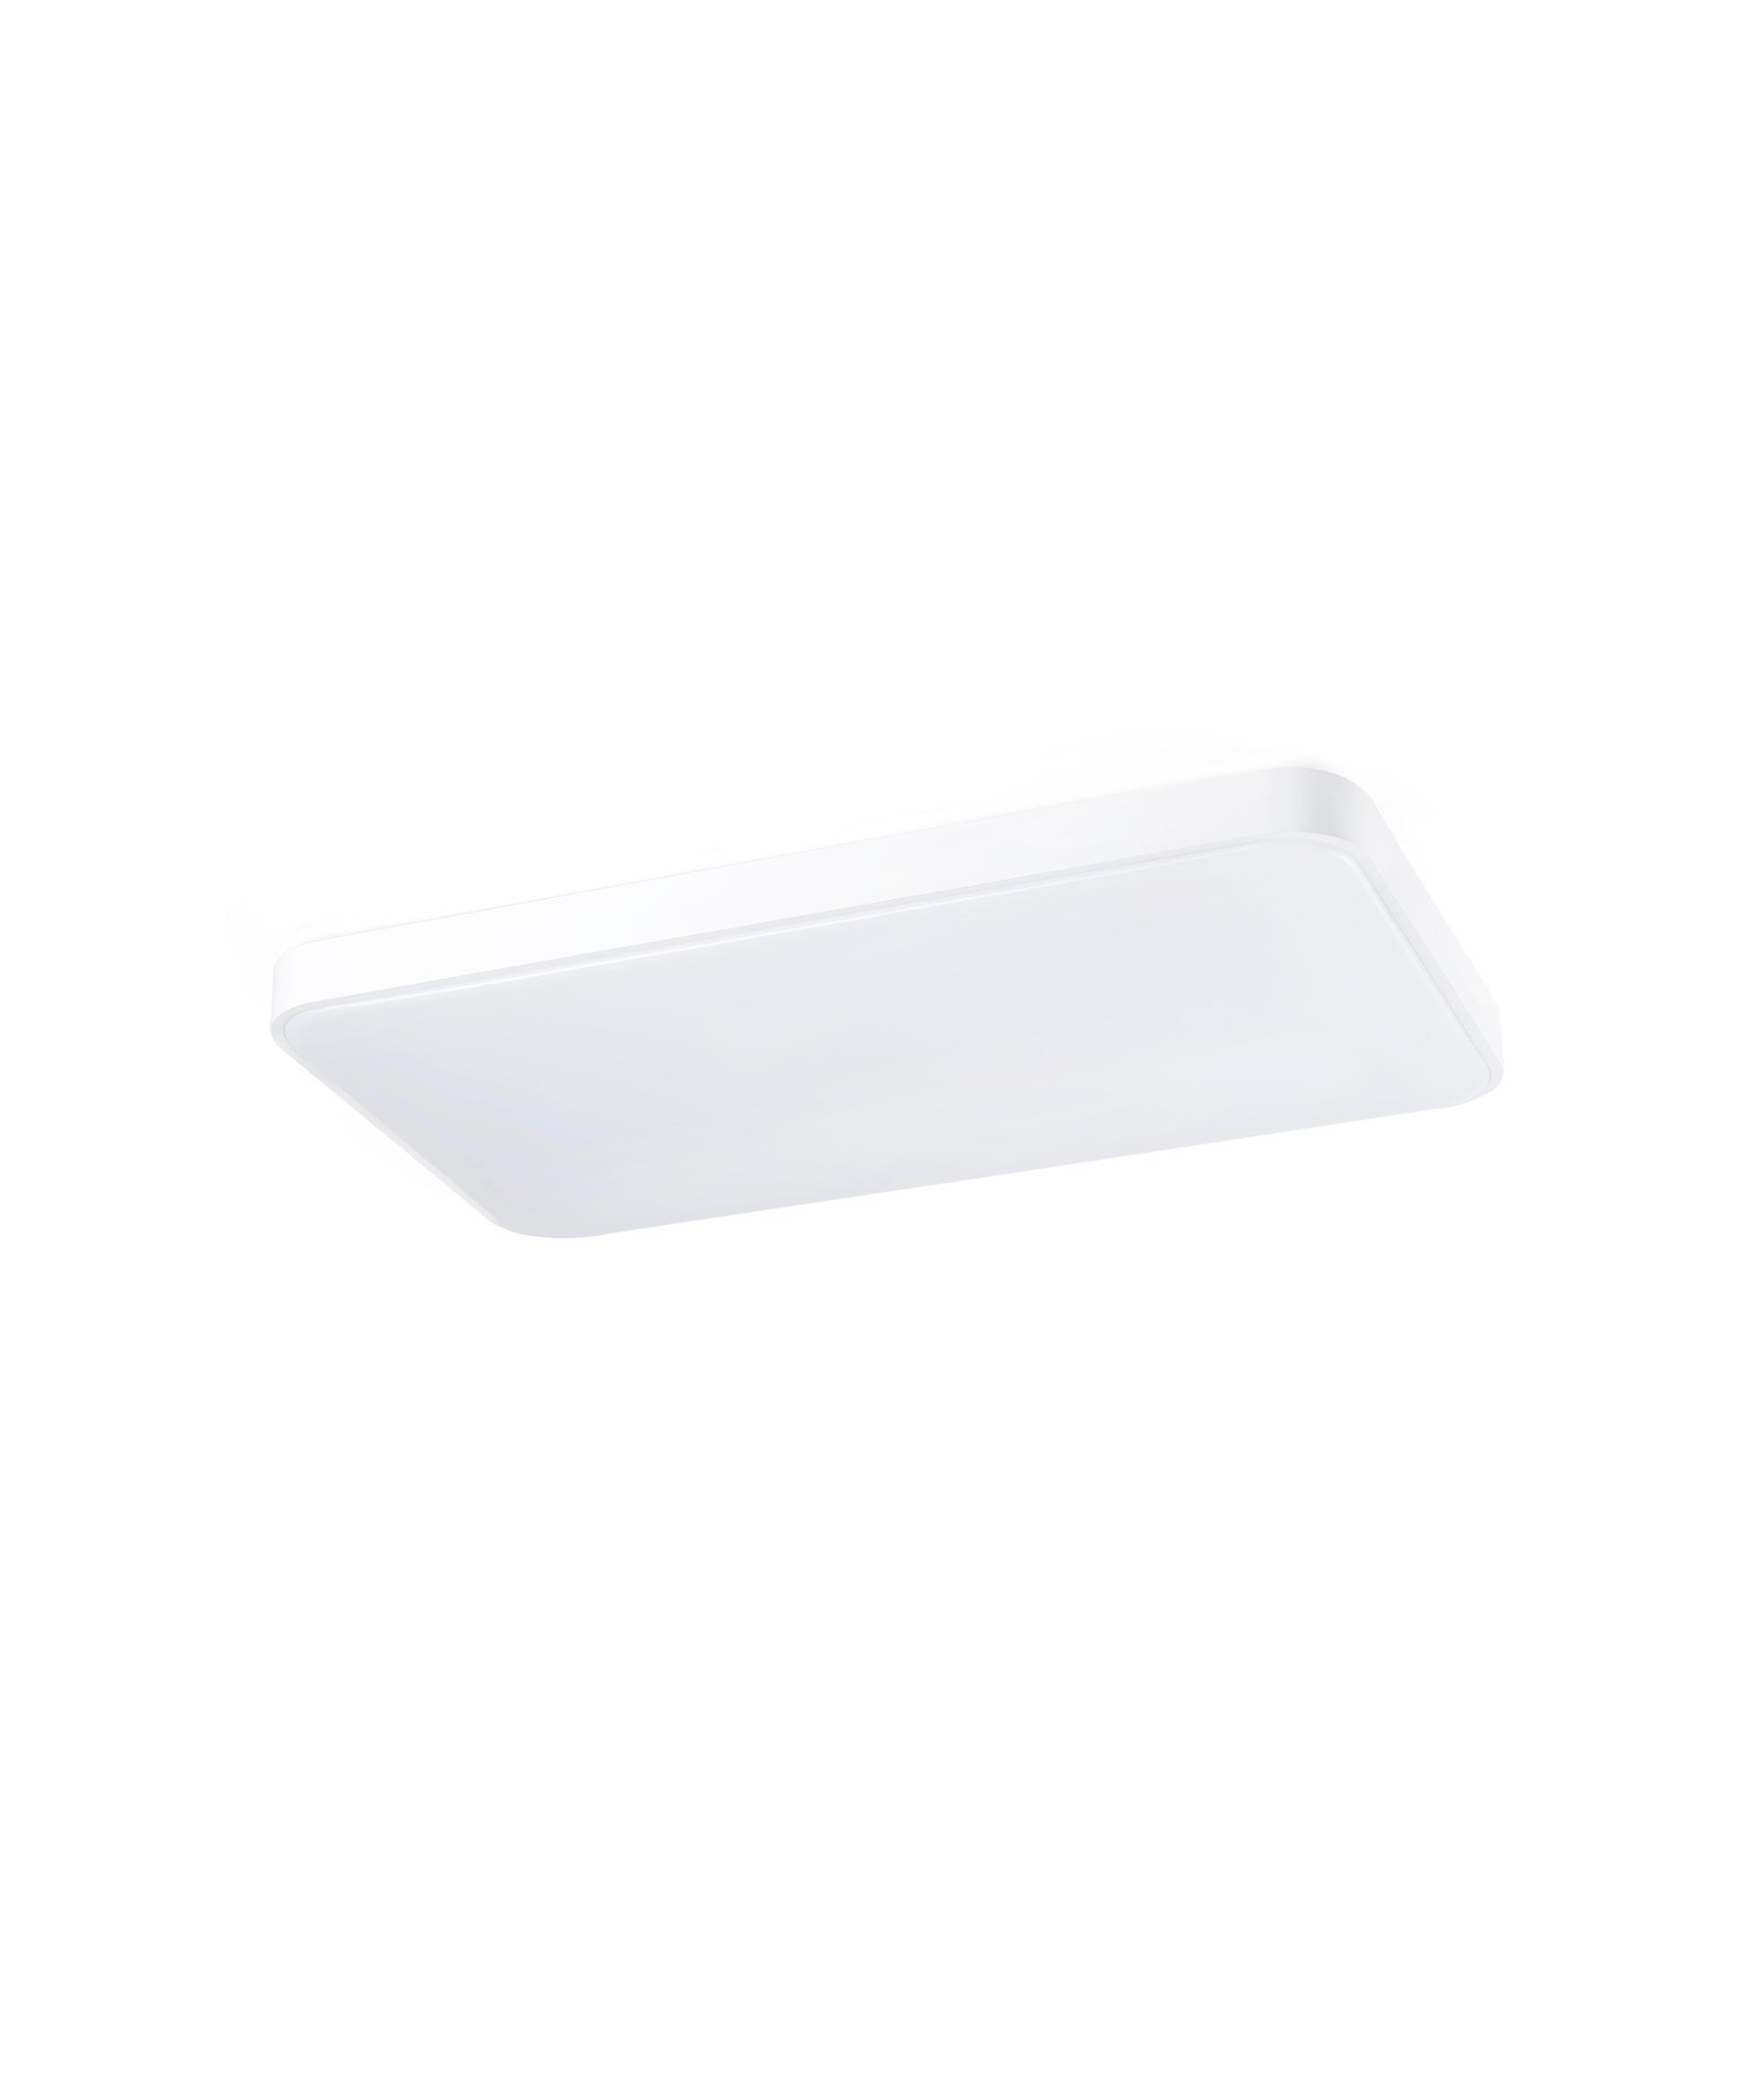 Lámpara plafón LED SOGO-2 blanca